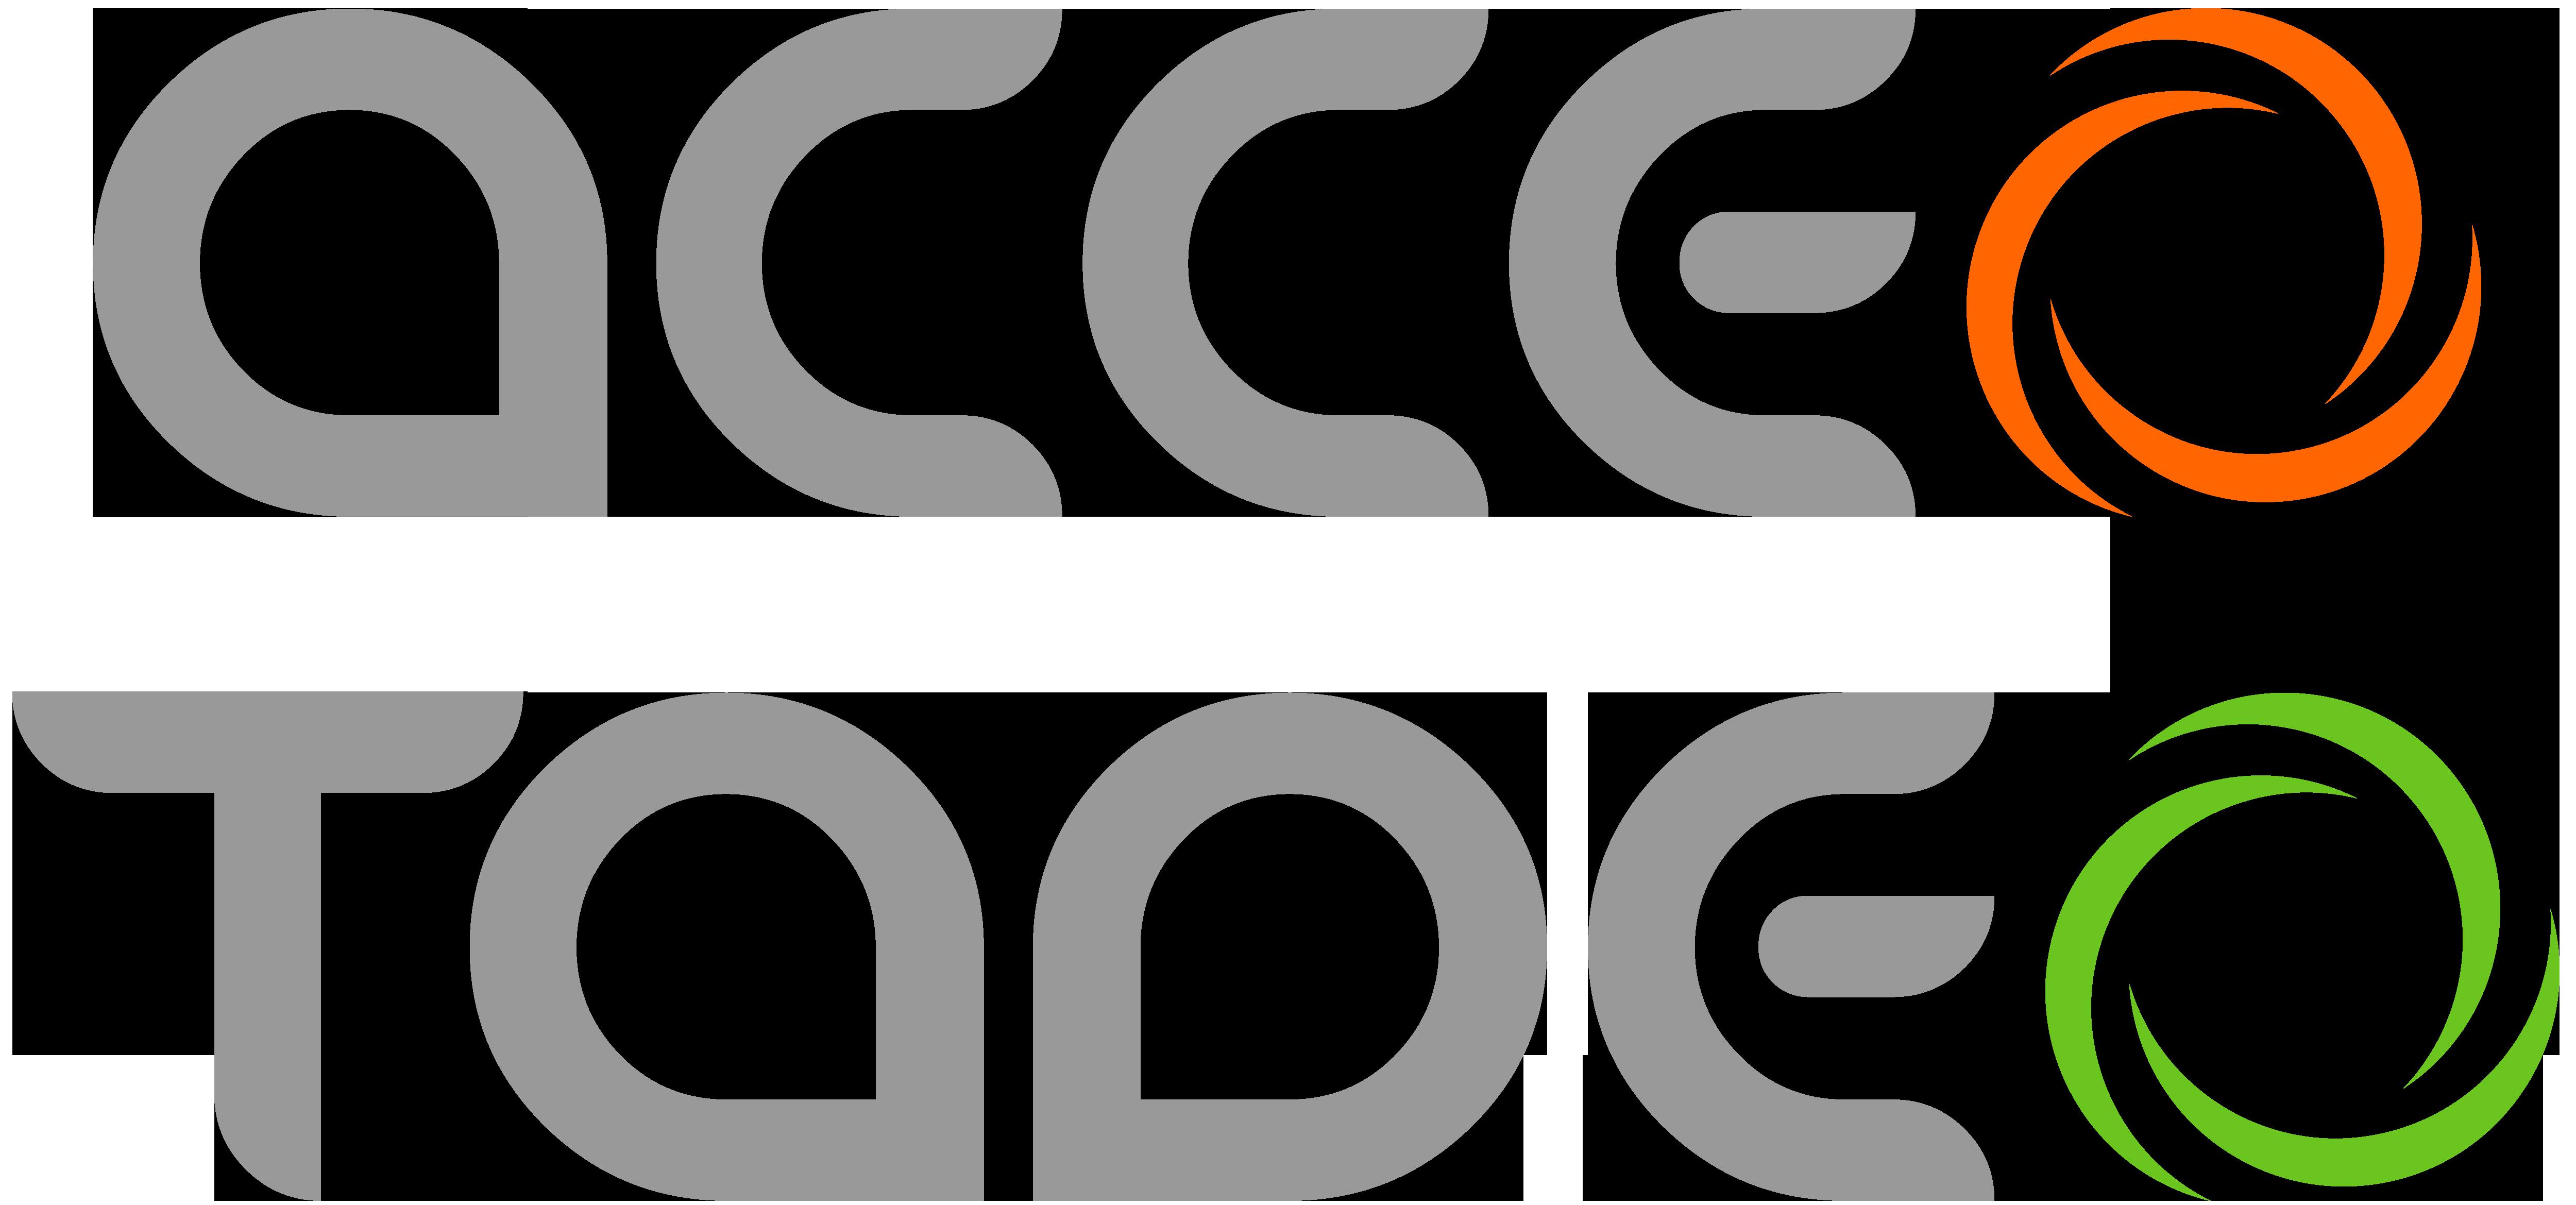 logo Acceo Tadeo